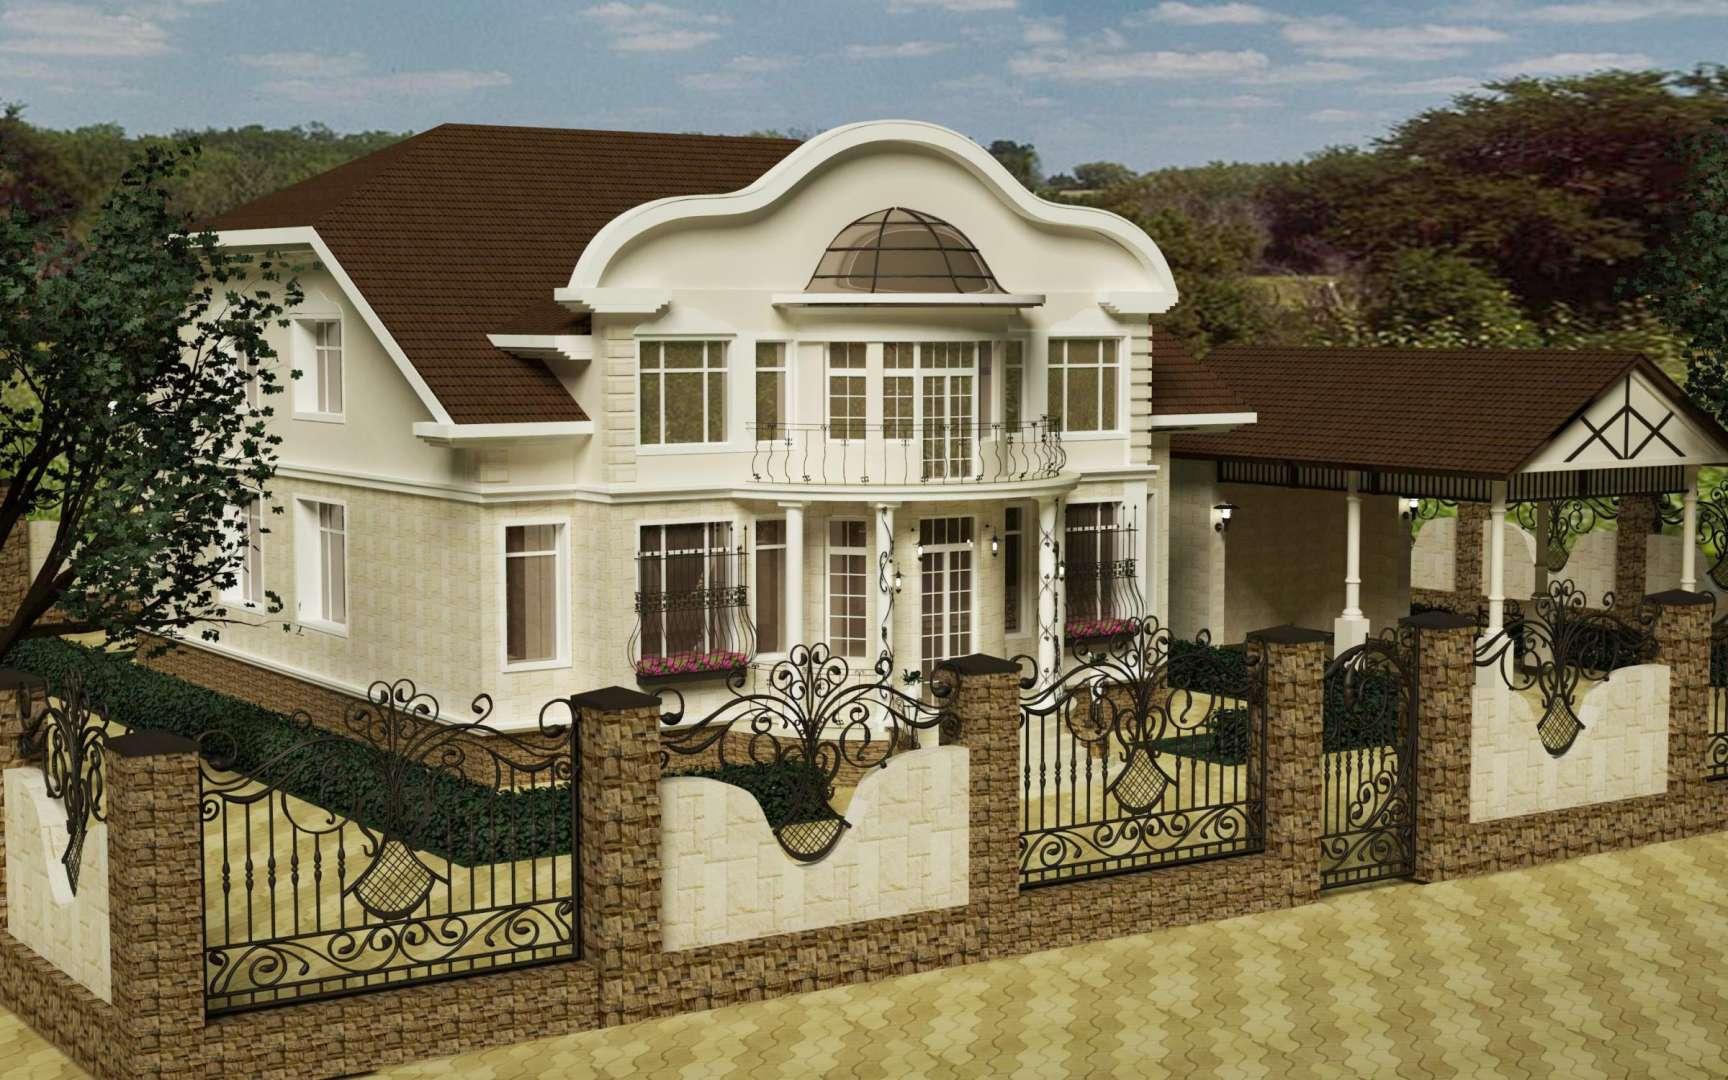 ставрополь дизайн дома фото несет ответственности